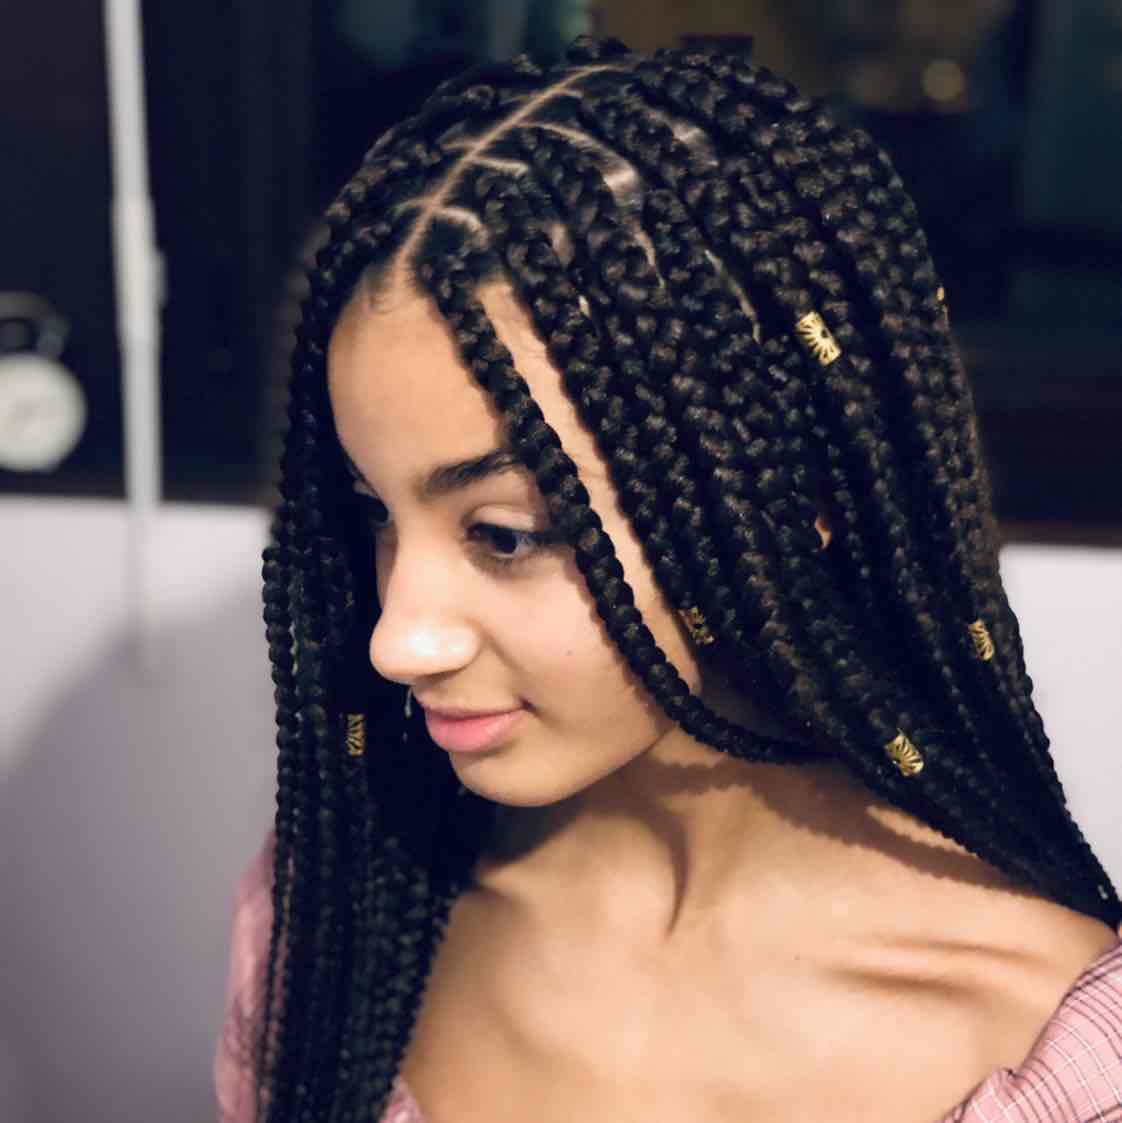 salon de coiffure afro tresse tresses box braids crochet braids vanilles tissages paris 75 77 78 91 92 93 94 95 NLFKGIFG